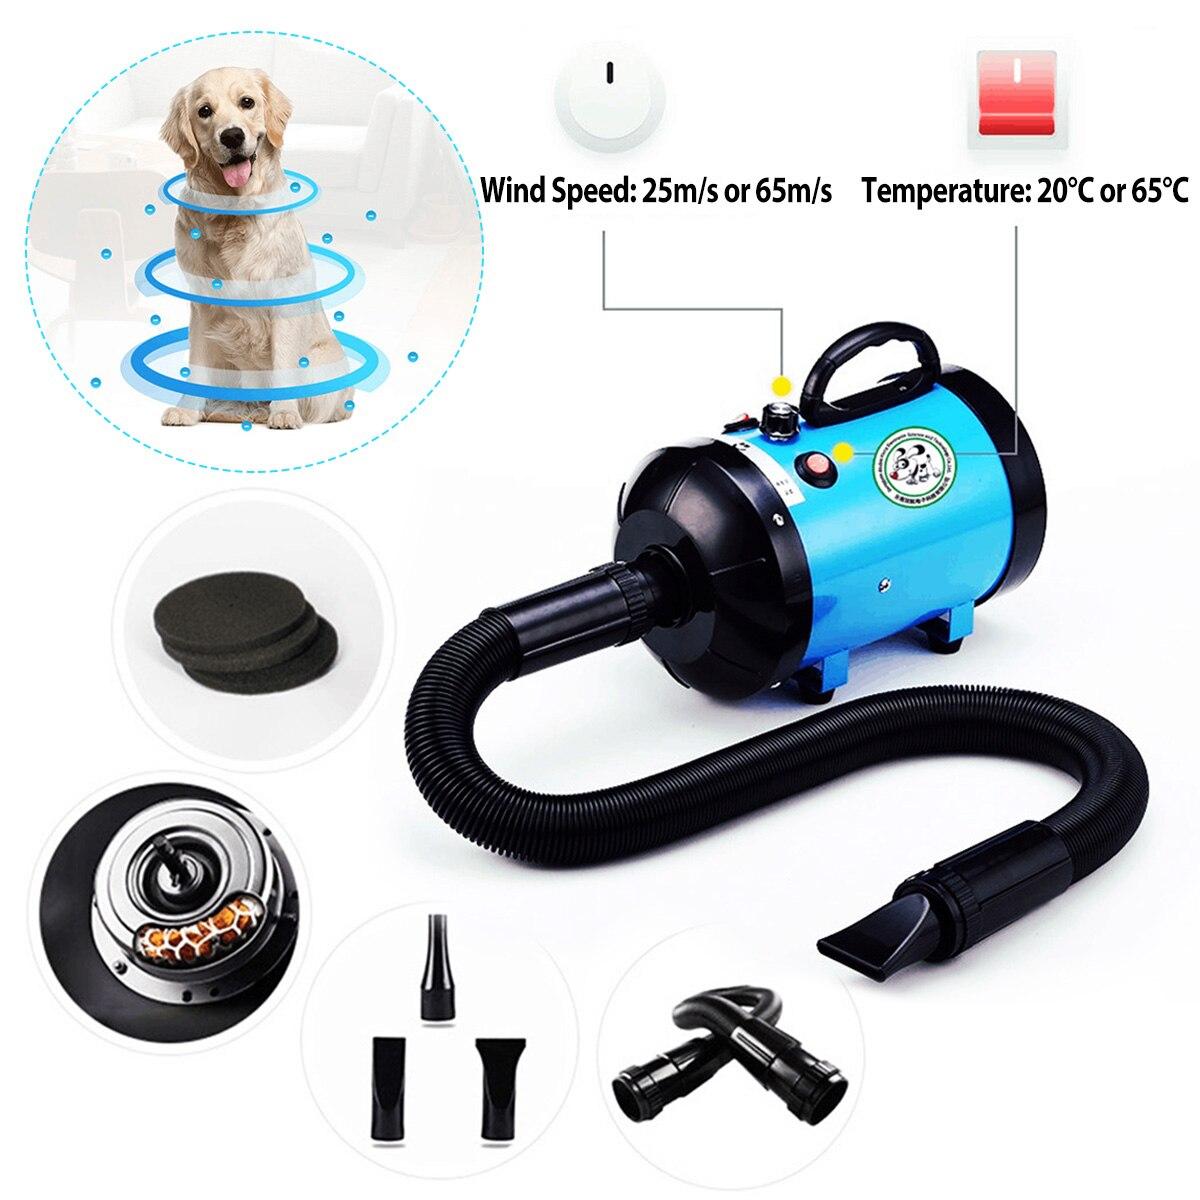 Réglable chien toilettage sèche-cheveux pour animaux de compagnie sèche forte puissance faible Noice souffleur 220v 2800W Eu Plug rose noir bleu couleur